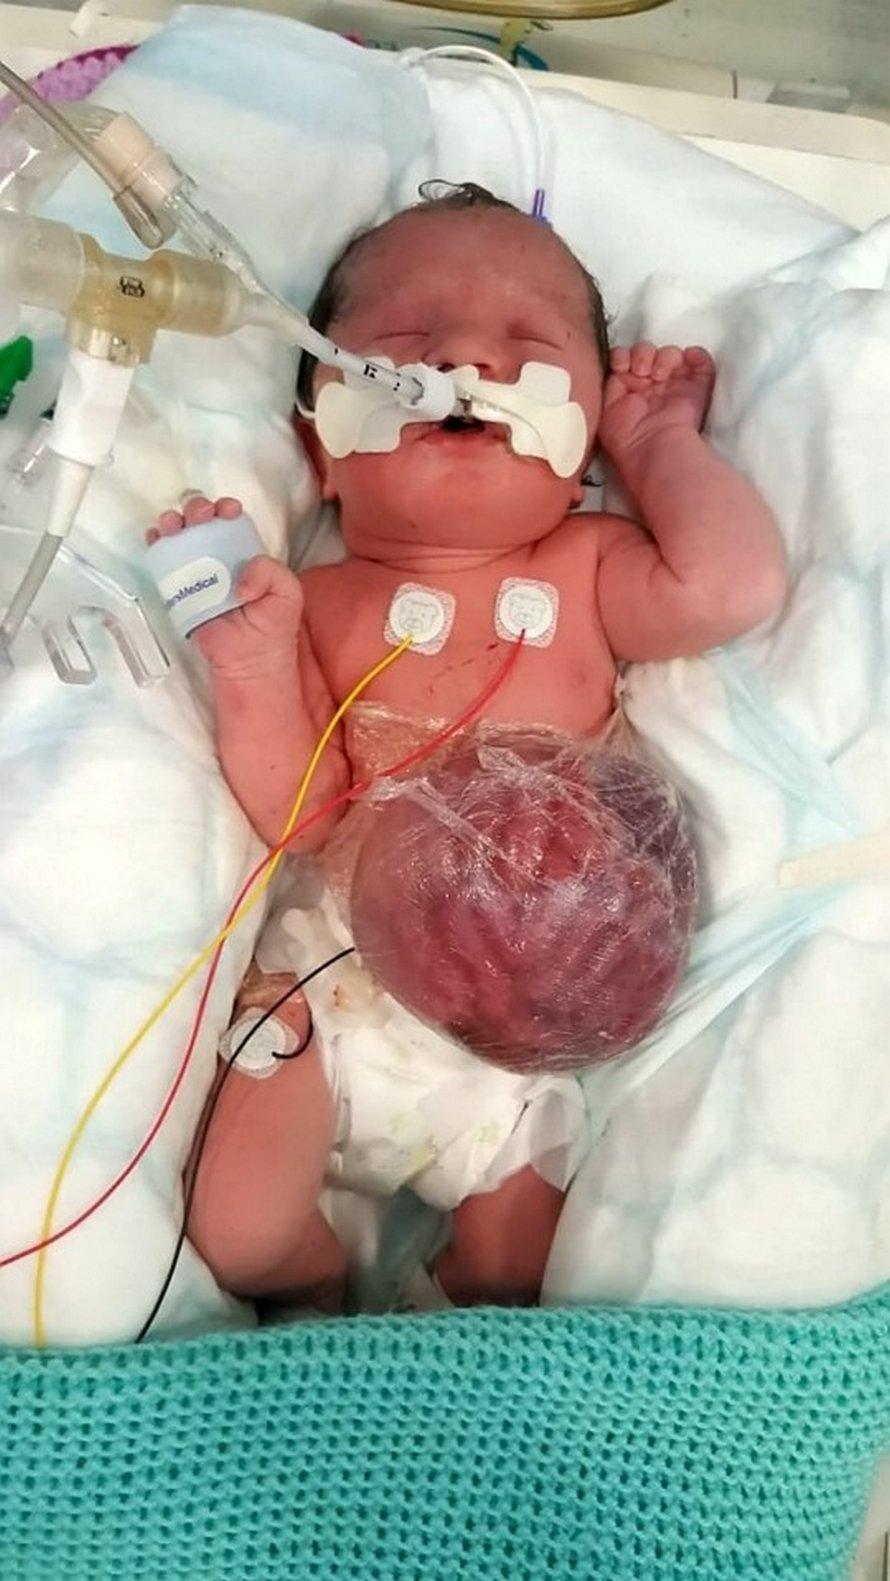 Cette petite fille est née avec les intestins, l'estomac et le foie à l'extérieur de son corps